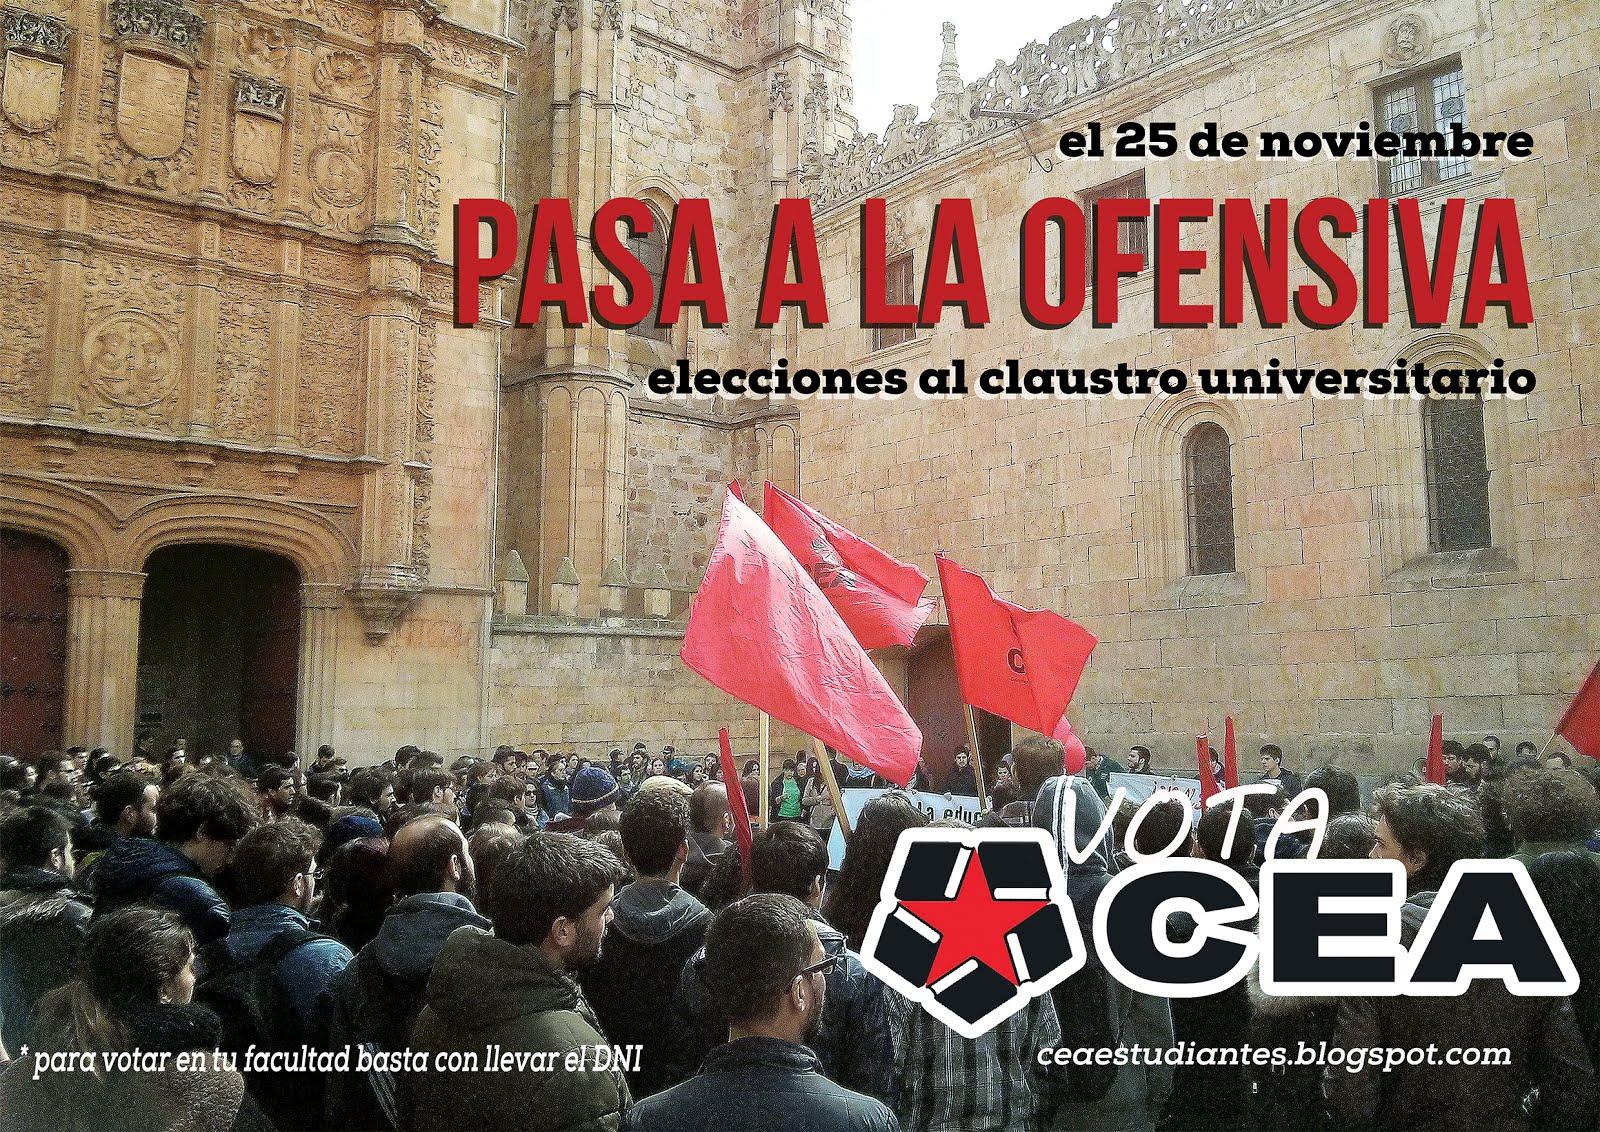 #PasaALaOfensiva #25NVotaCEA